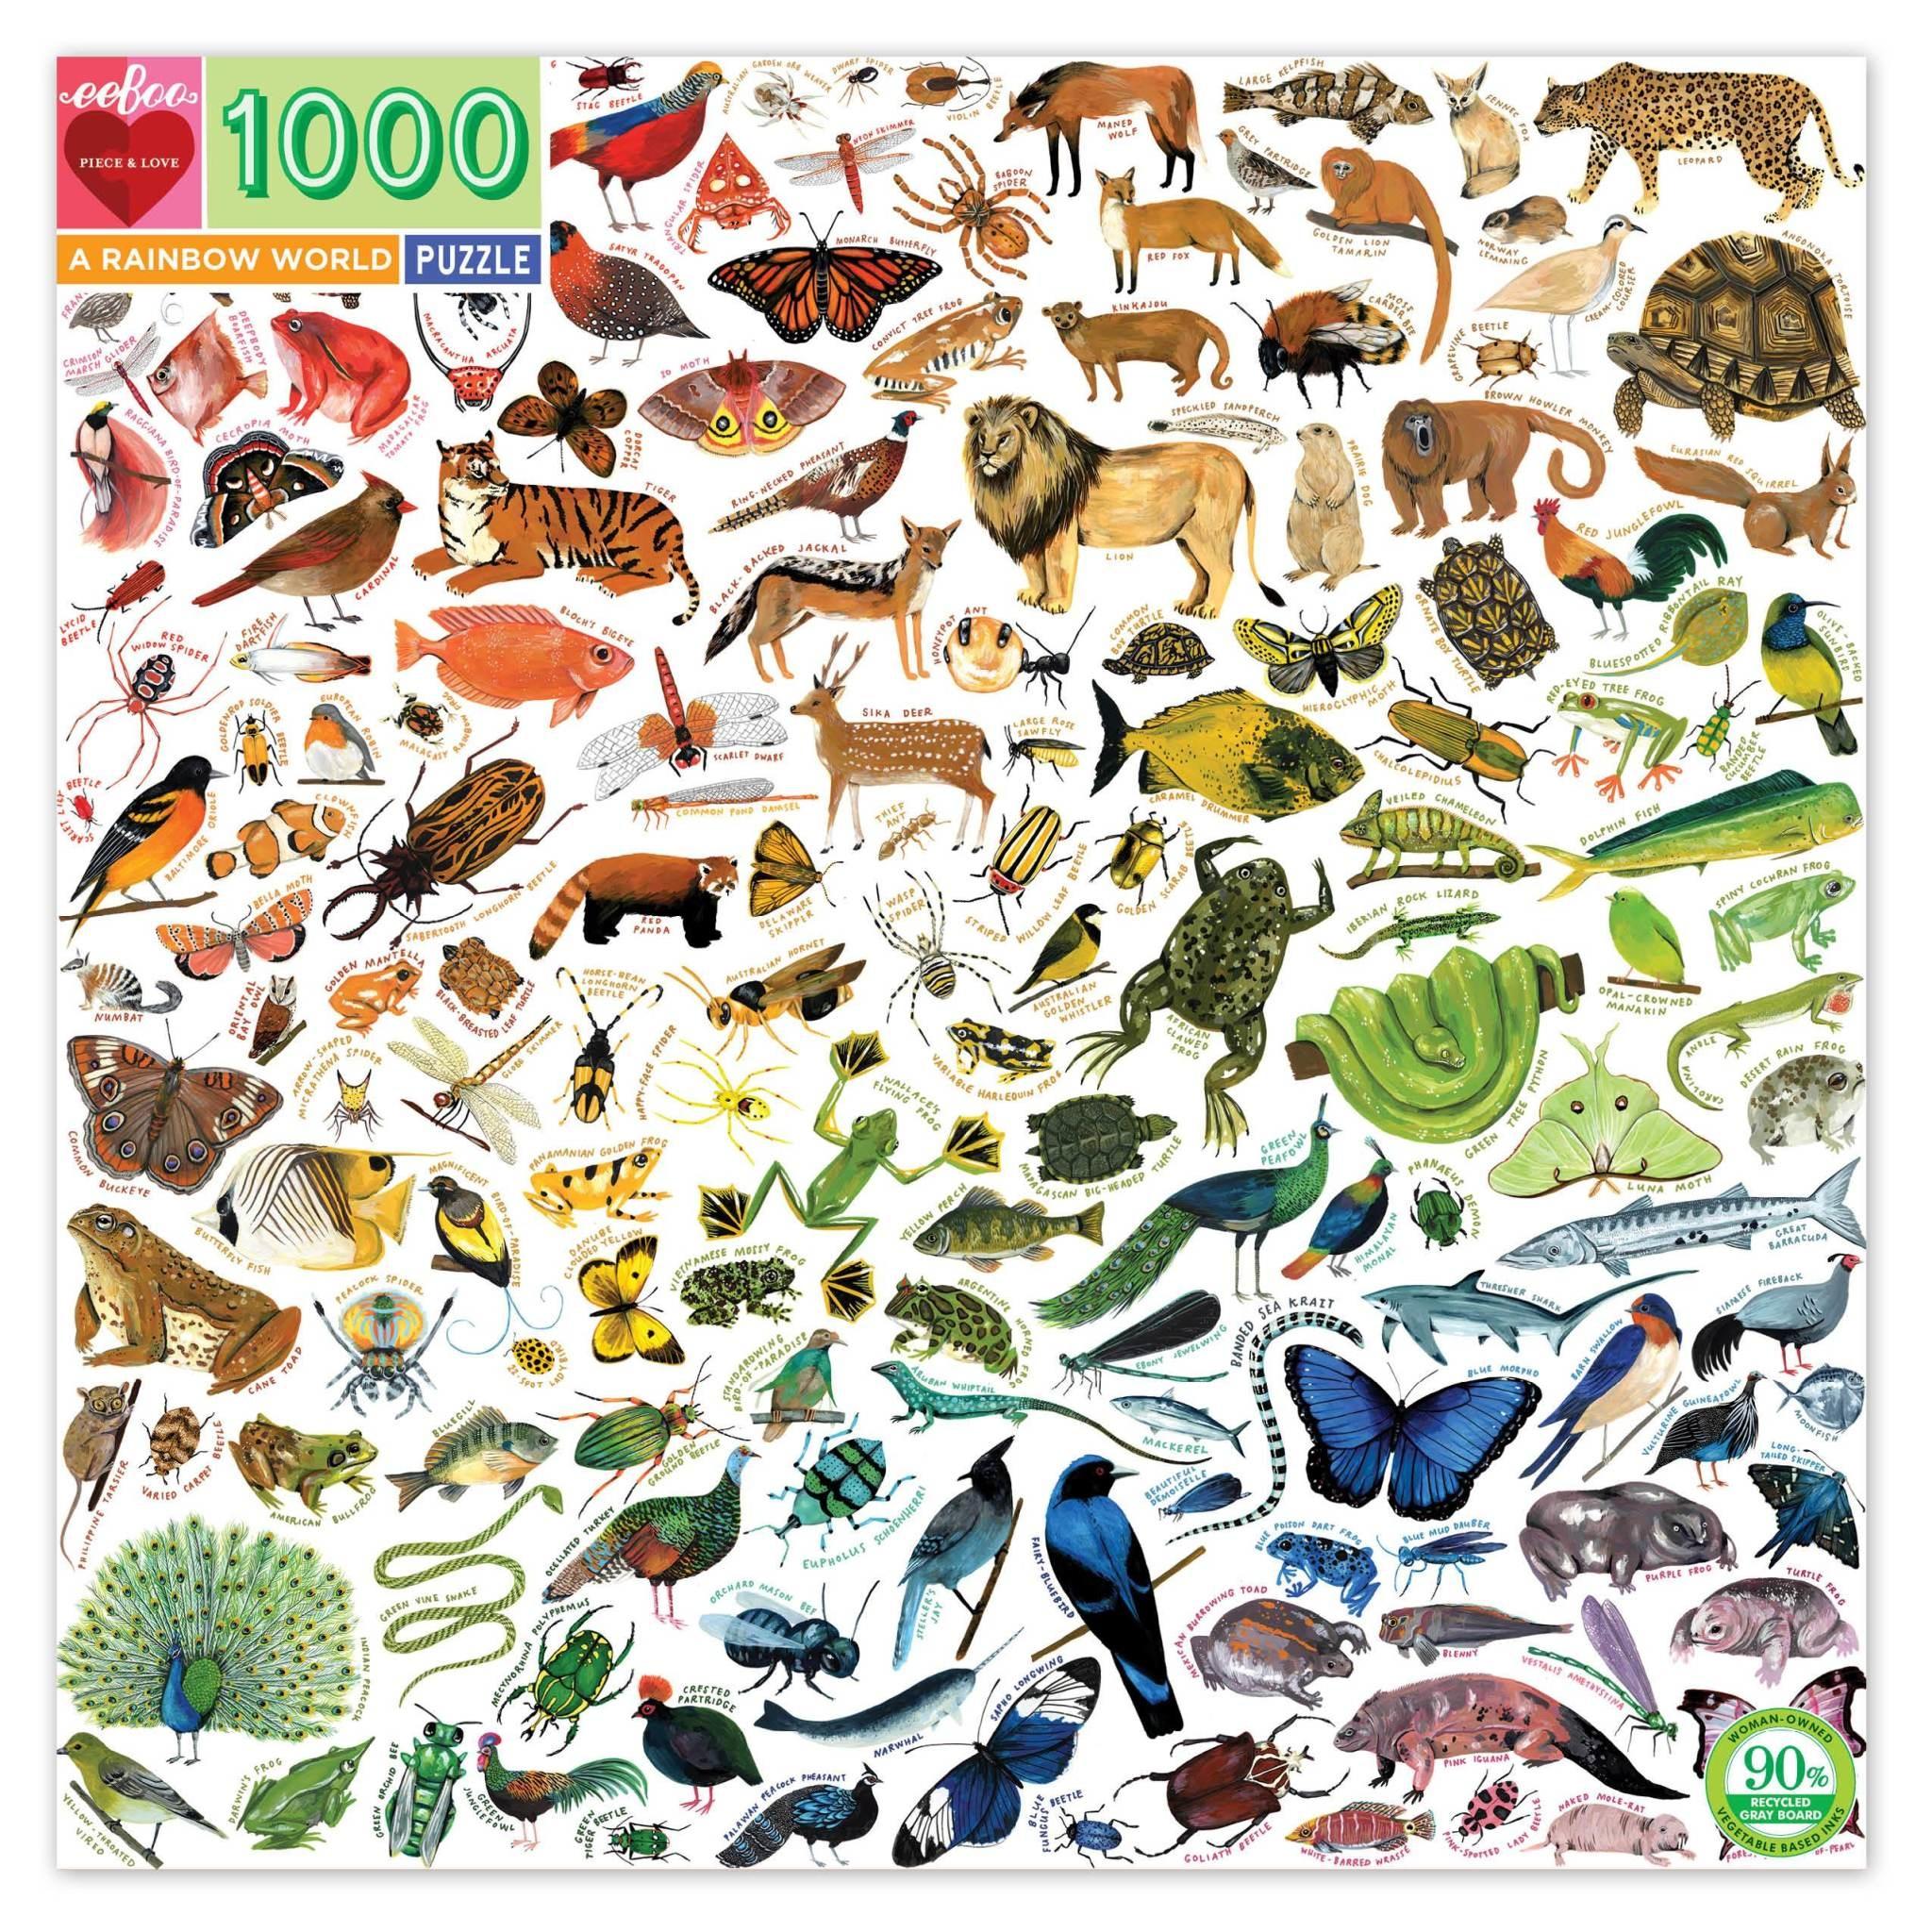 A Rainbow World (1000 piece Jigsaw)